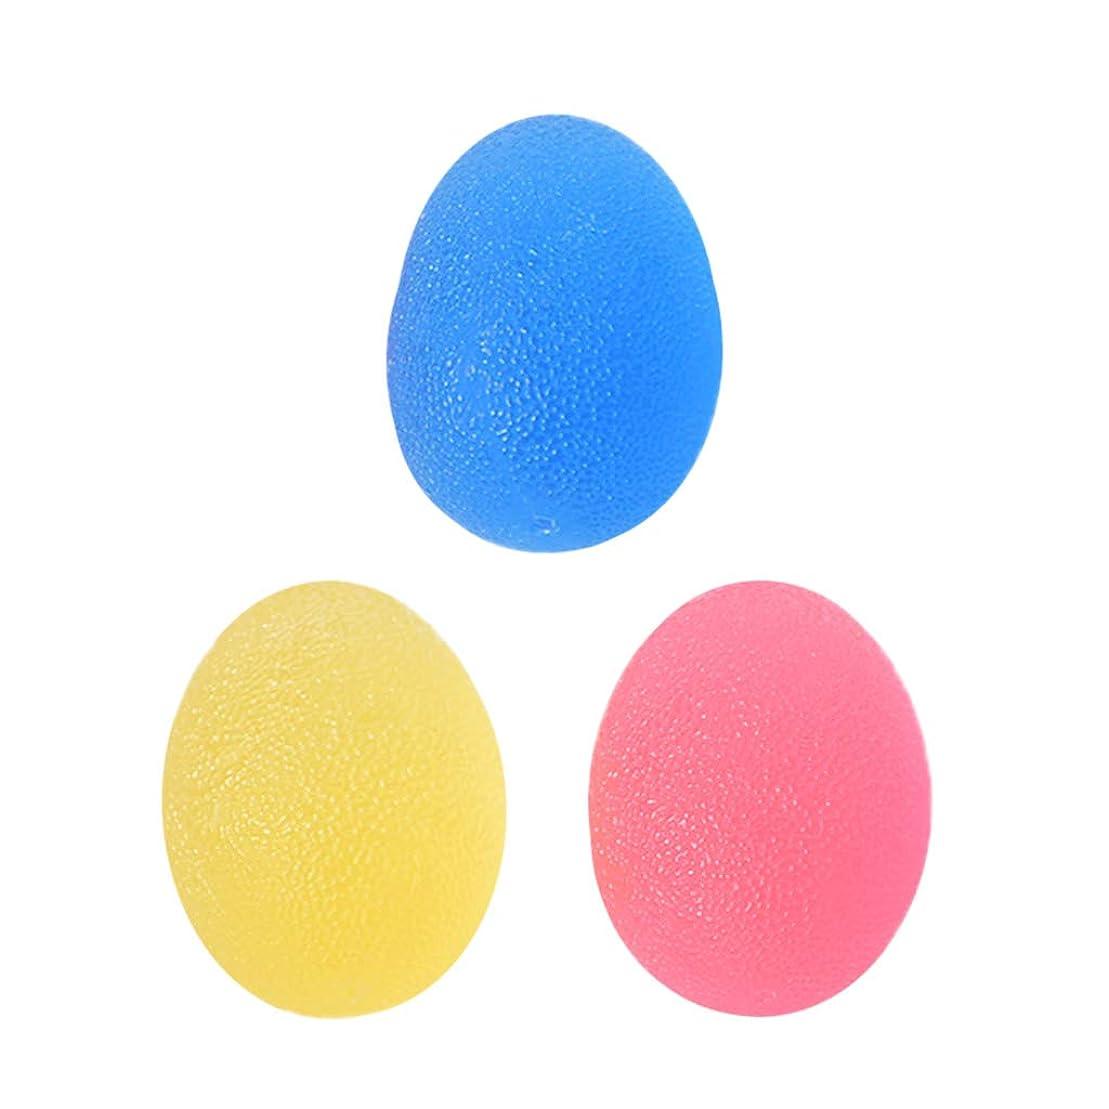 魂クリーム再現するFLAMEER 3個 ハンド スクイズボール エクササイザボール 指 手のひら 運動 グリップ